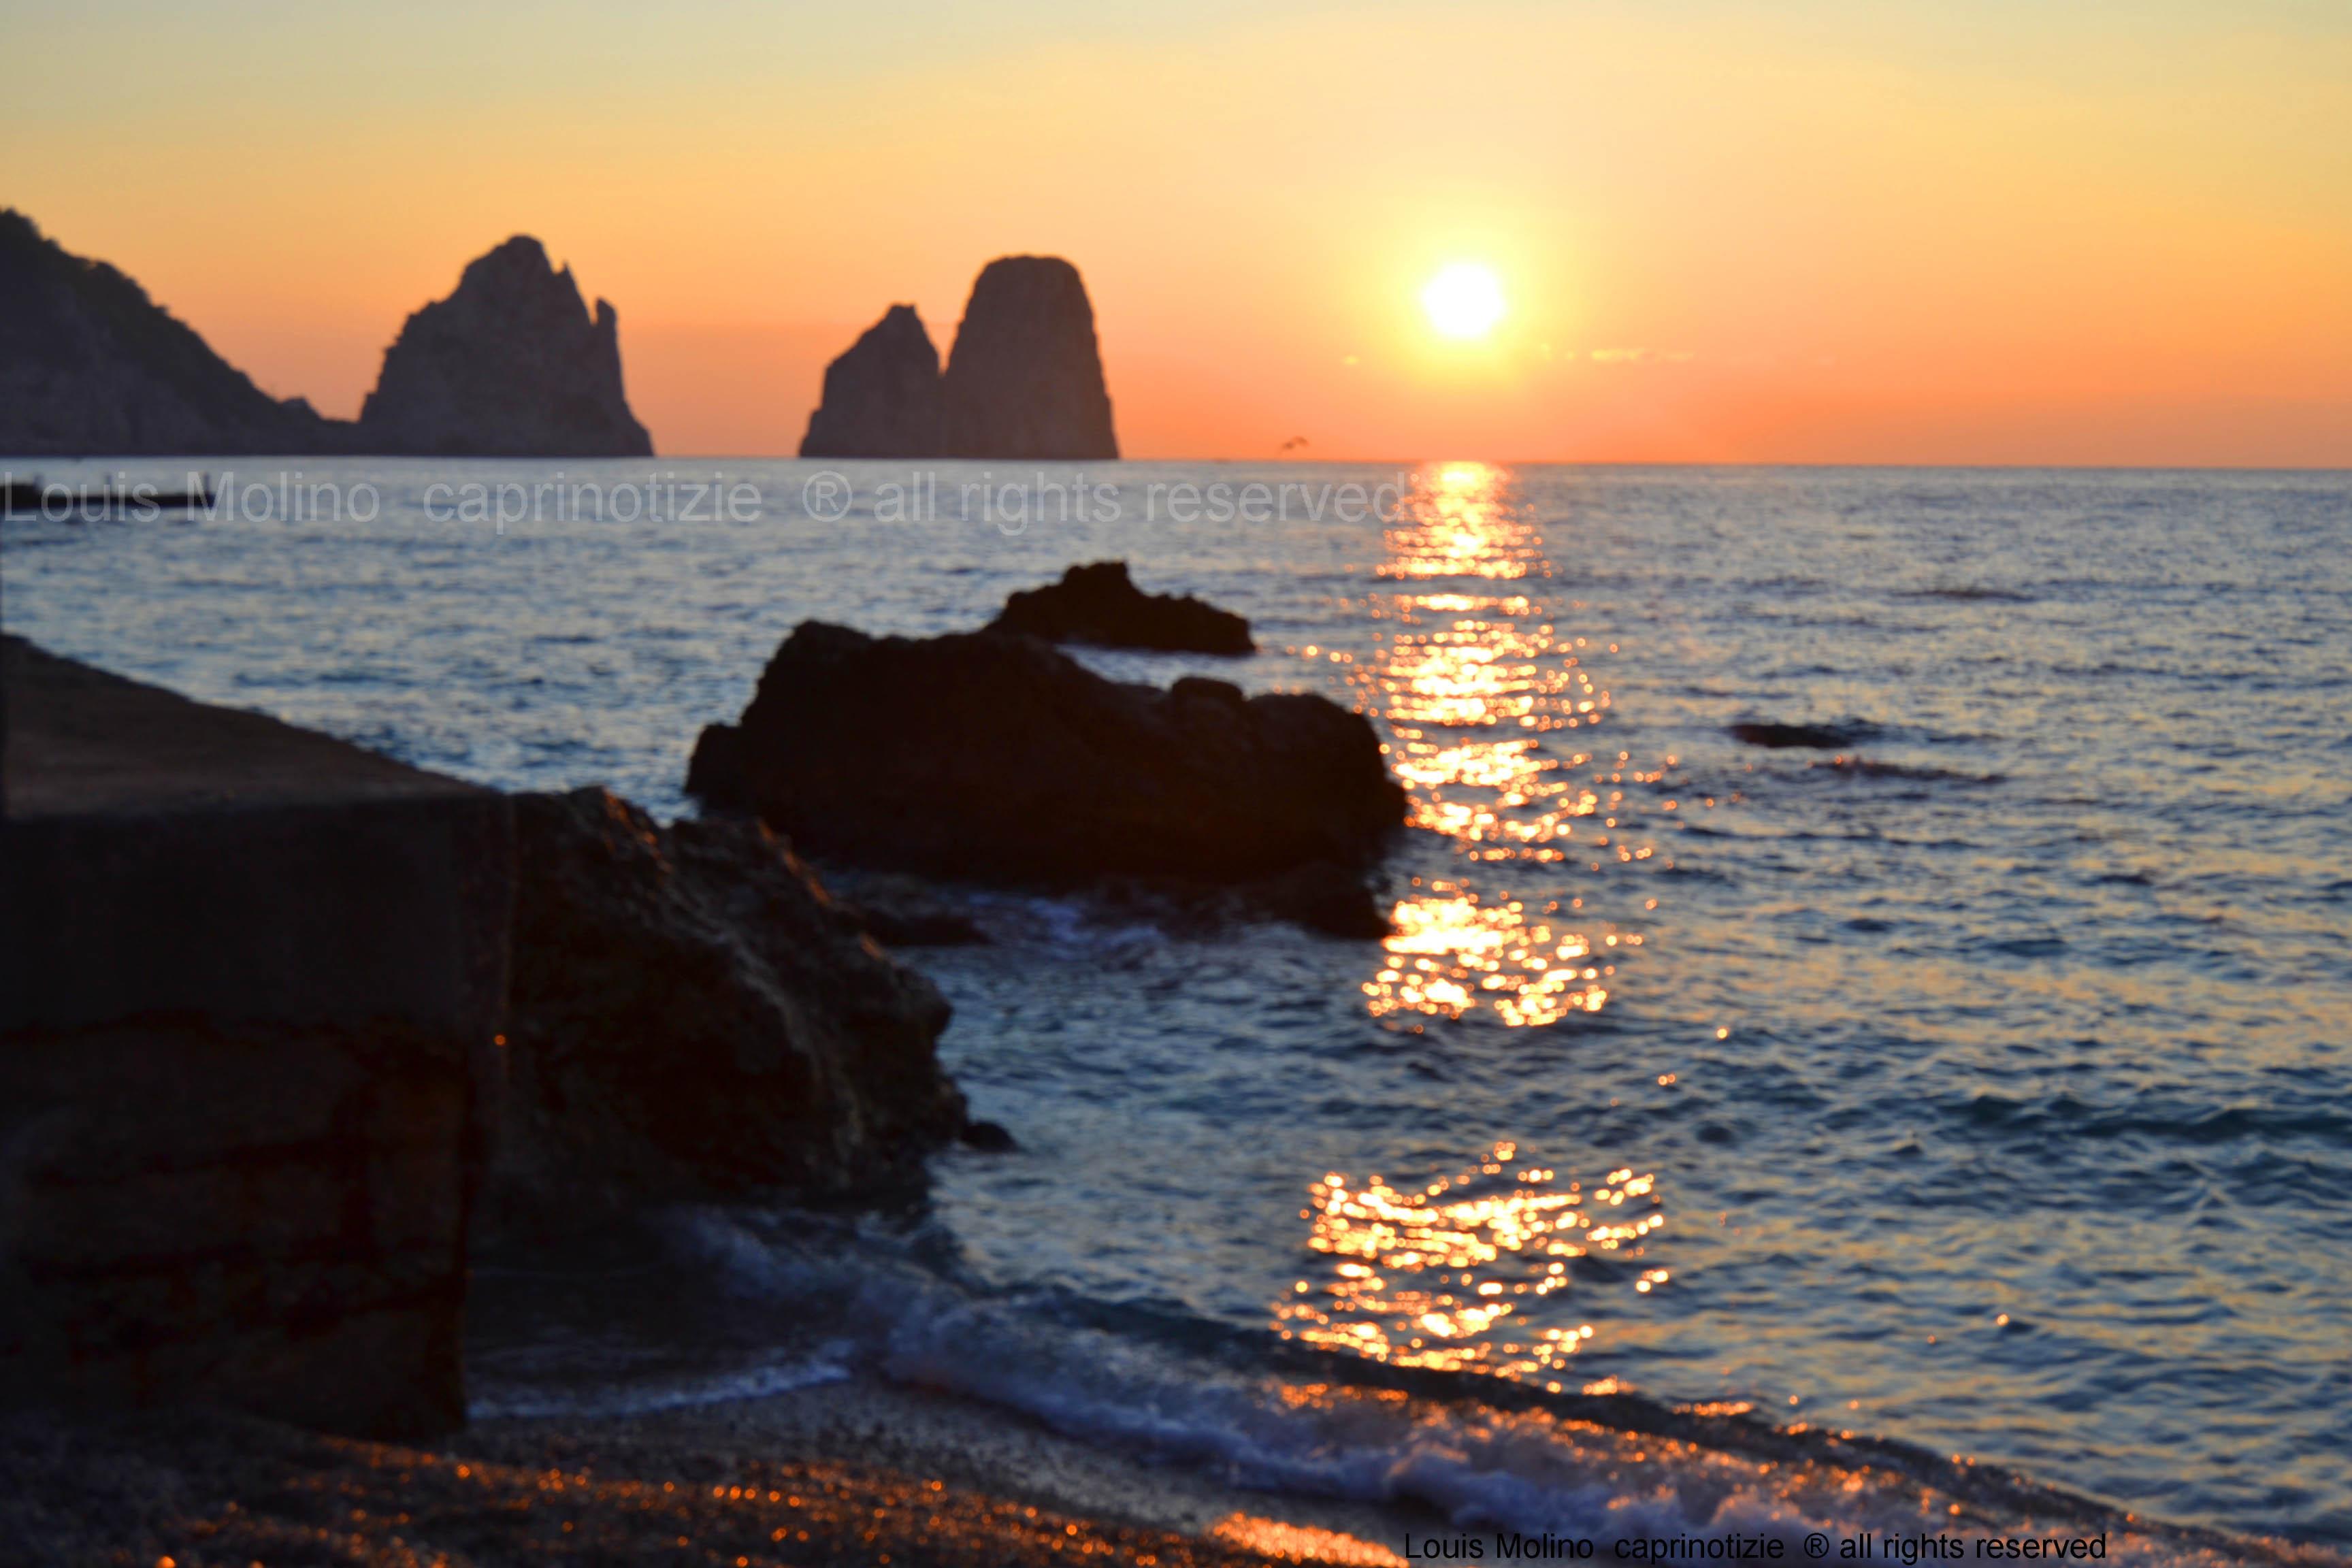 Capri: Cronaca dell' alba caprese e omaggio a Luciano Pavarotti